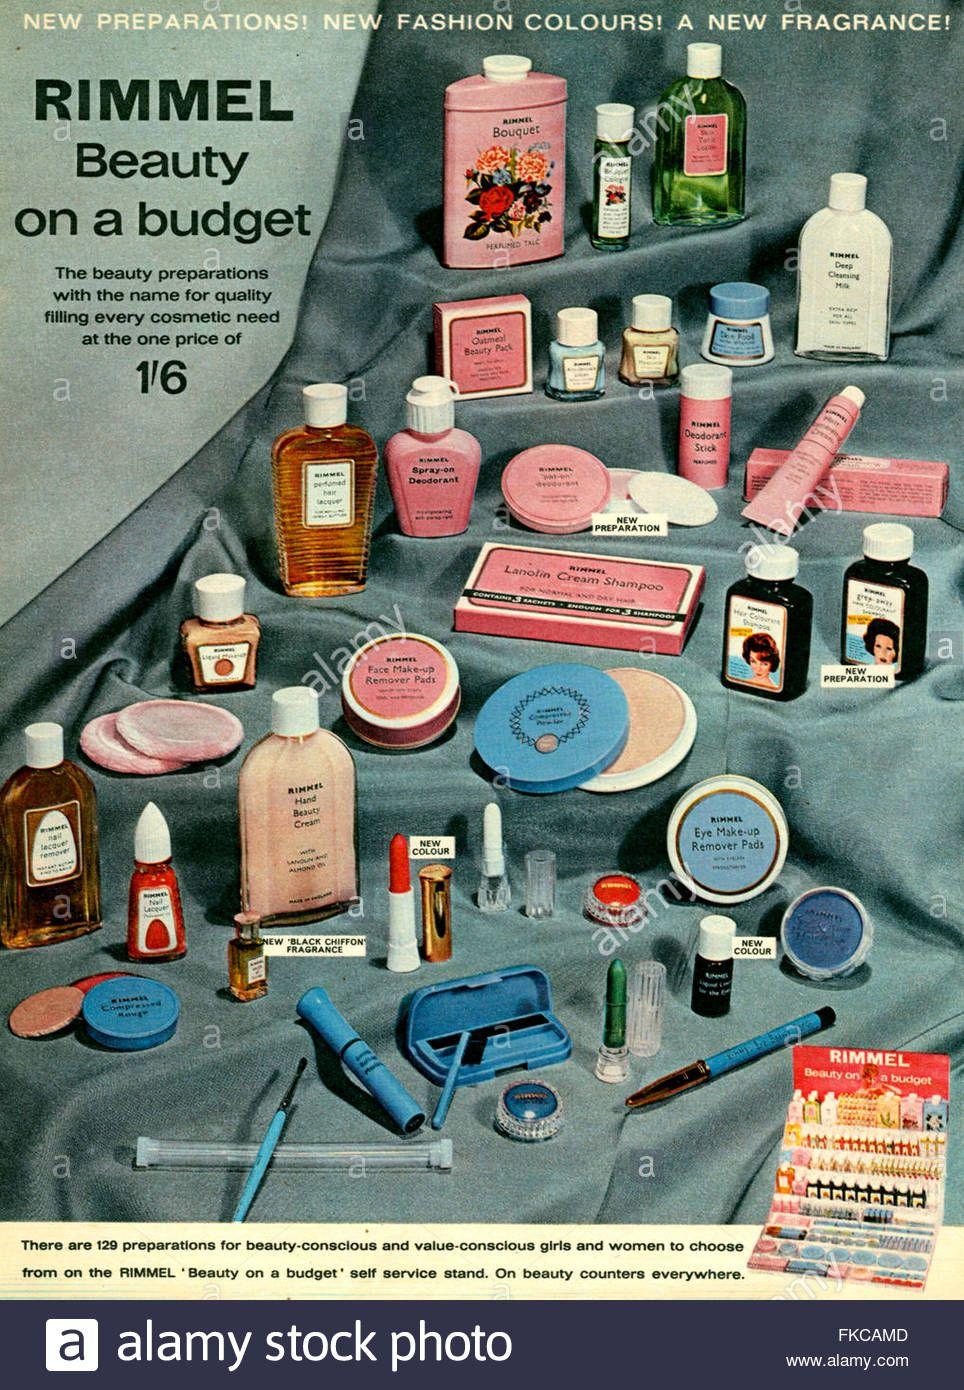 1960er Jahre UK Rimmel Magazin Anzeige Stockfoto, Bild